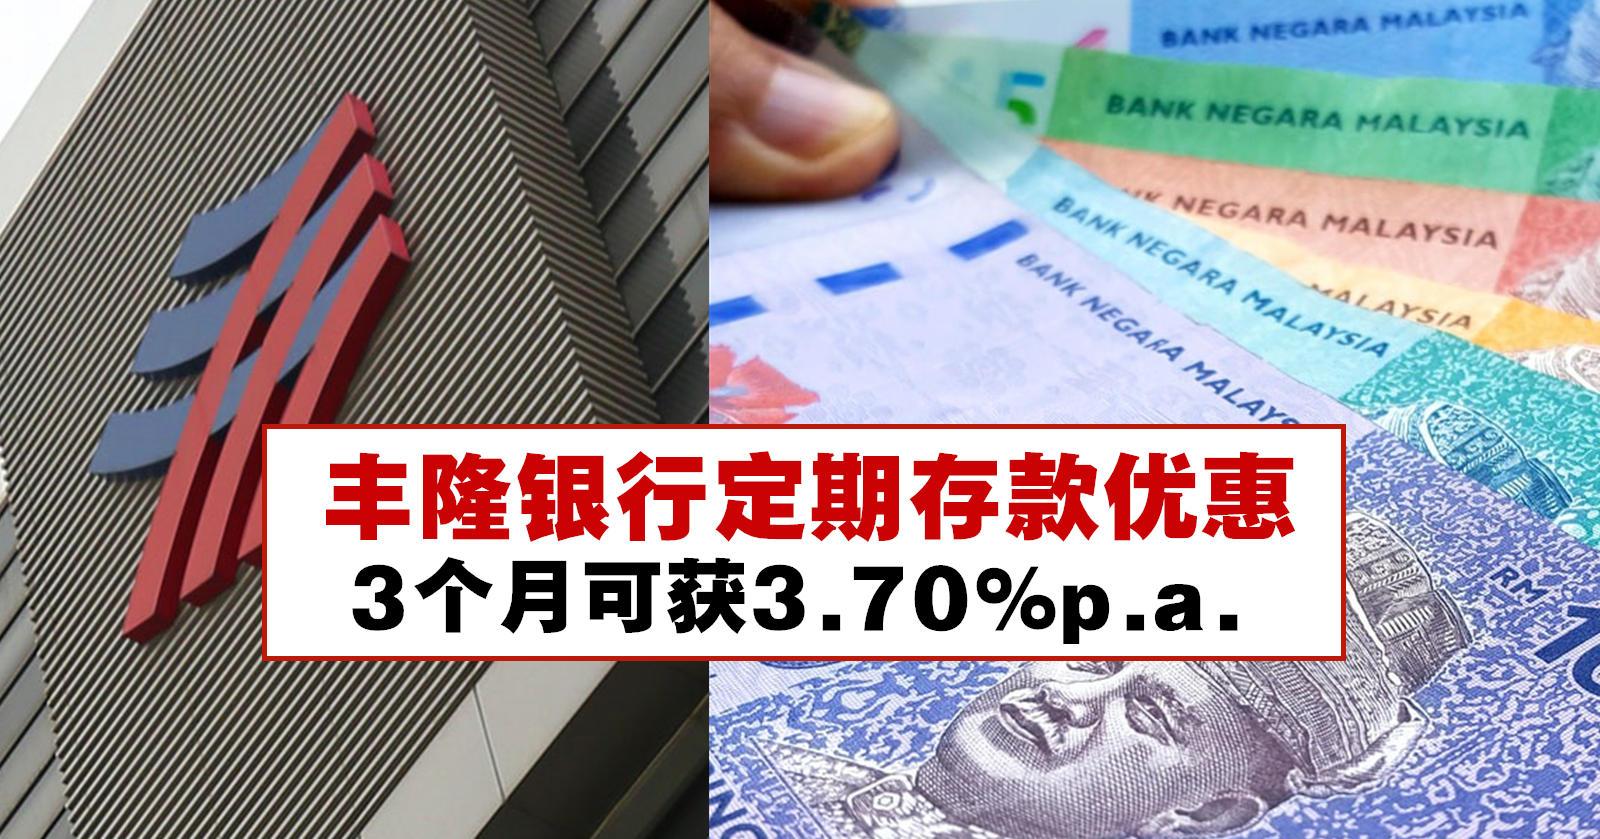 Hong Leong Bank定期存款优惠